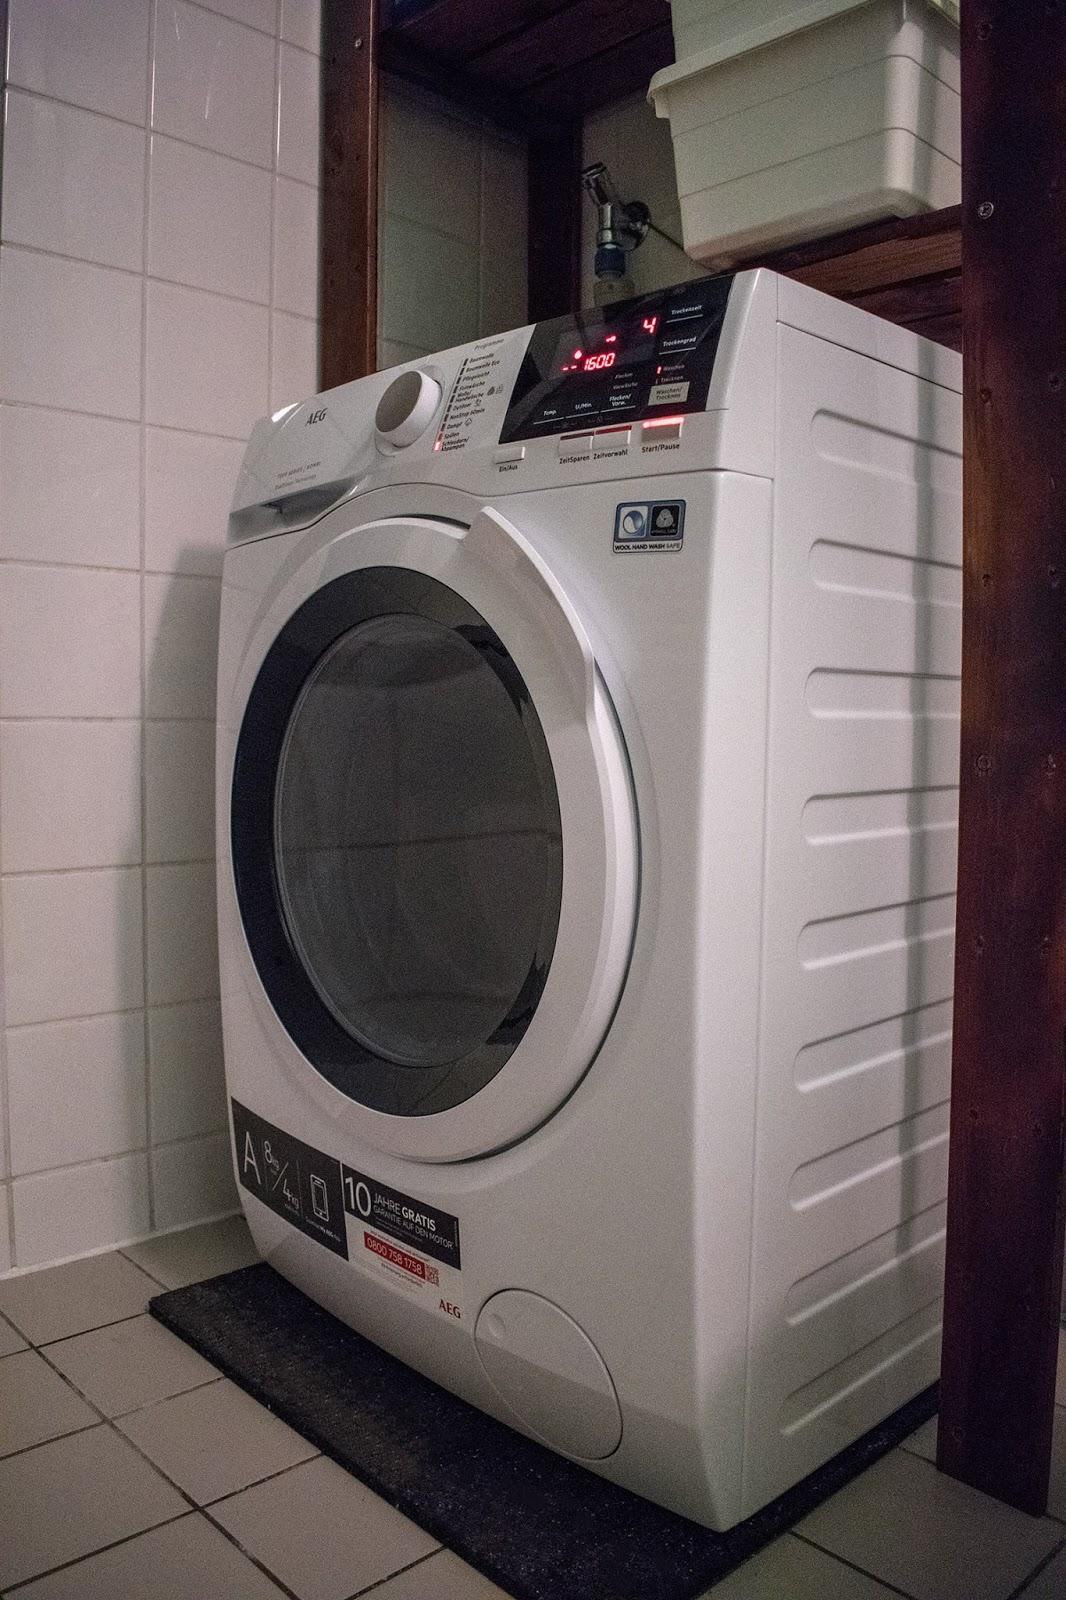 adieu w schest nder meine erfahrungen mit dem aeg waschtrockner series 7000 jenseits von eden. Black Bedroom Furniture Sets. Home Design Ideas